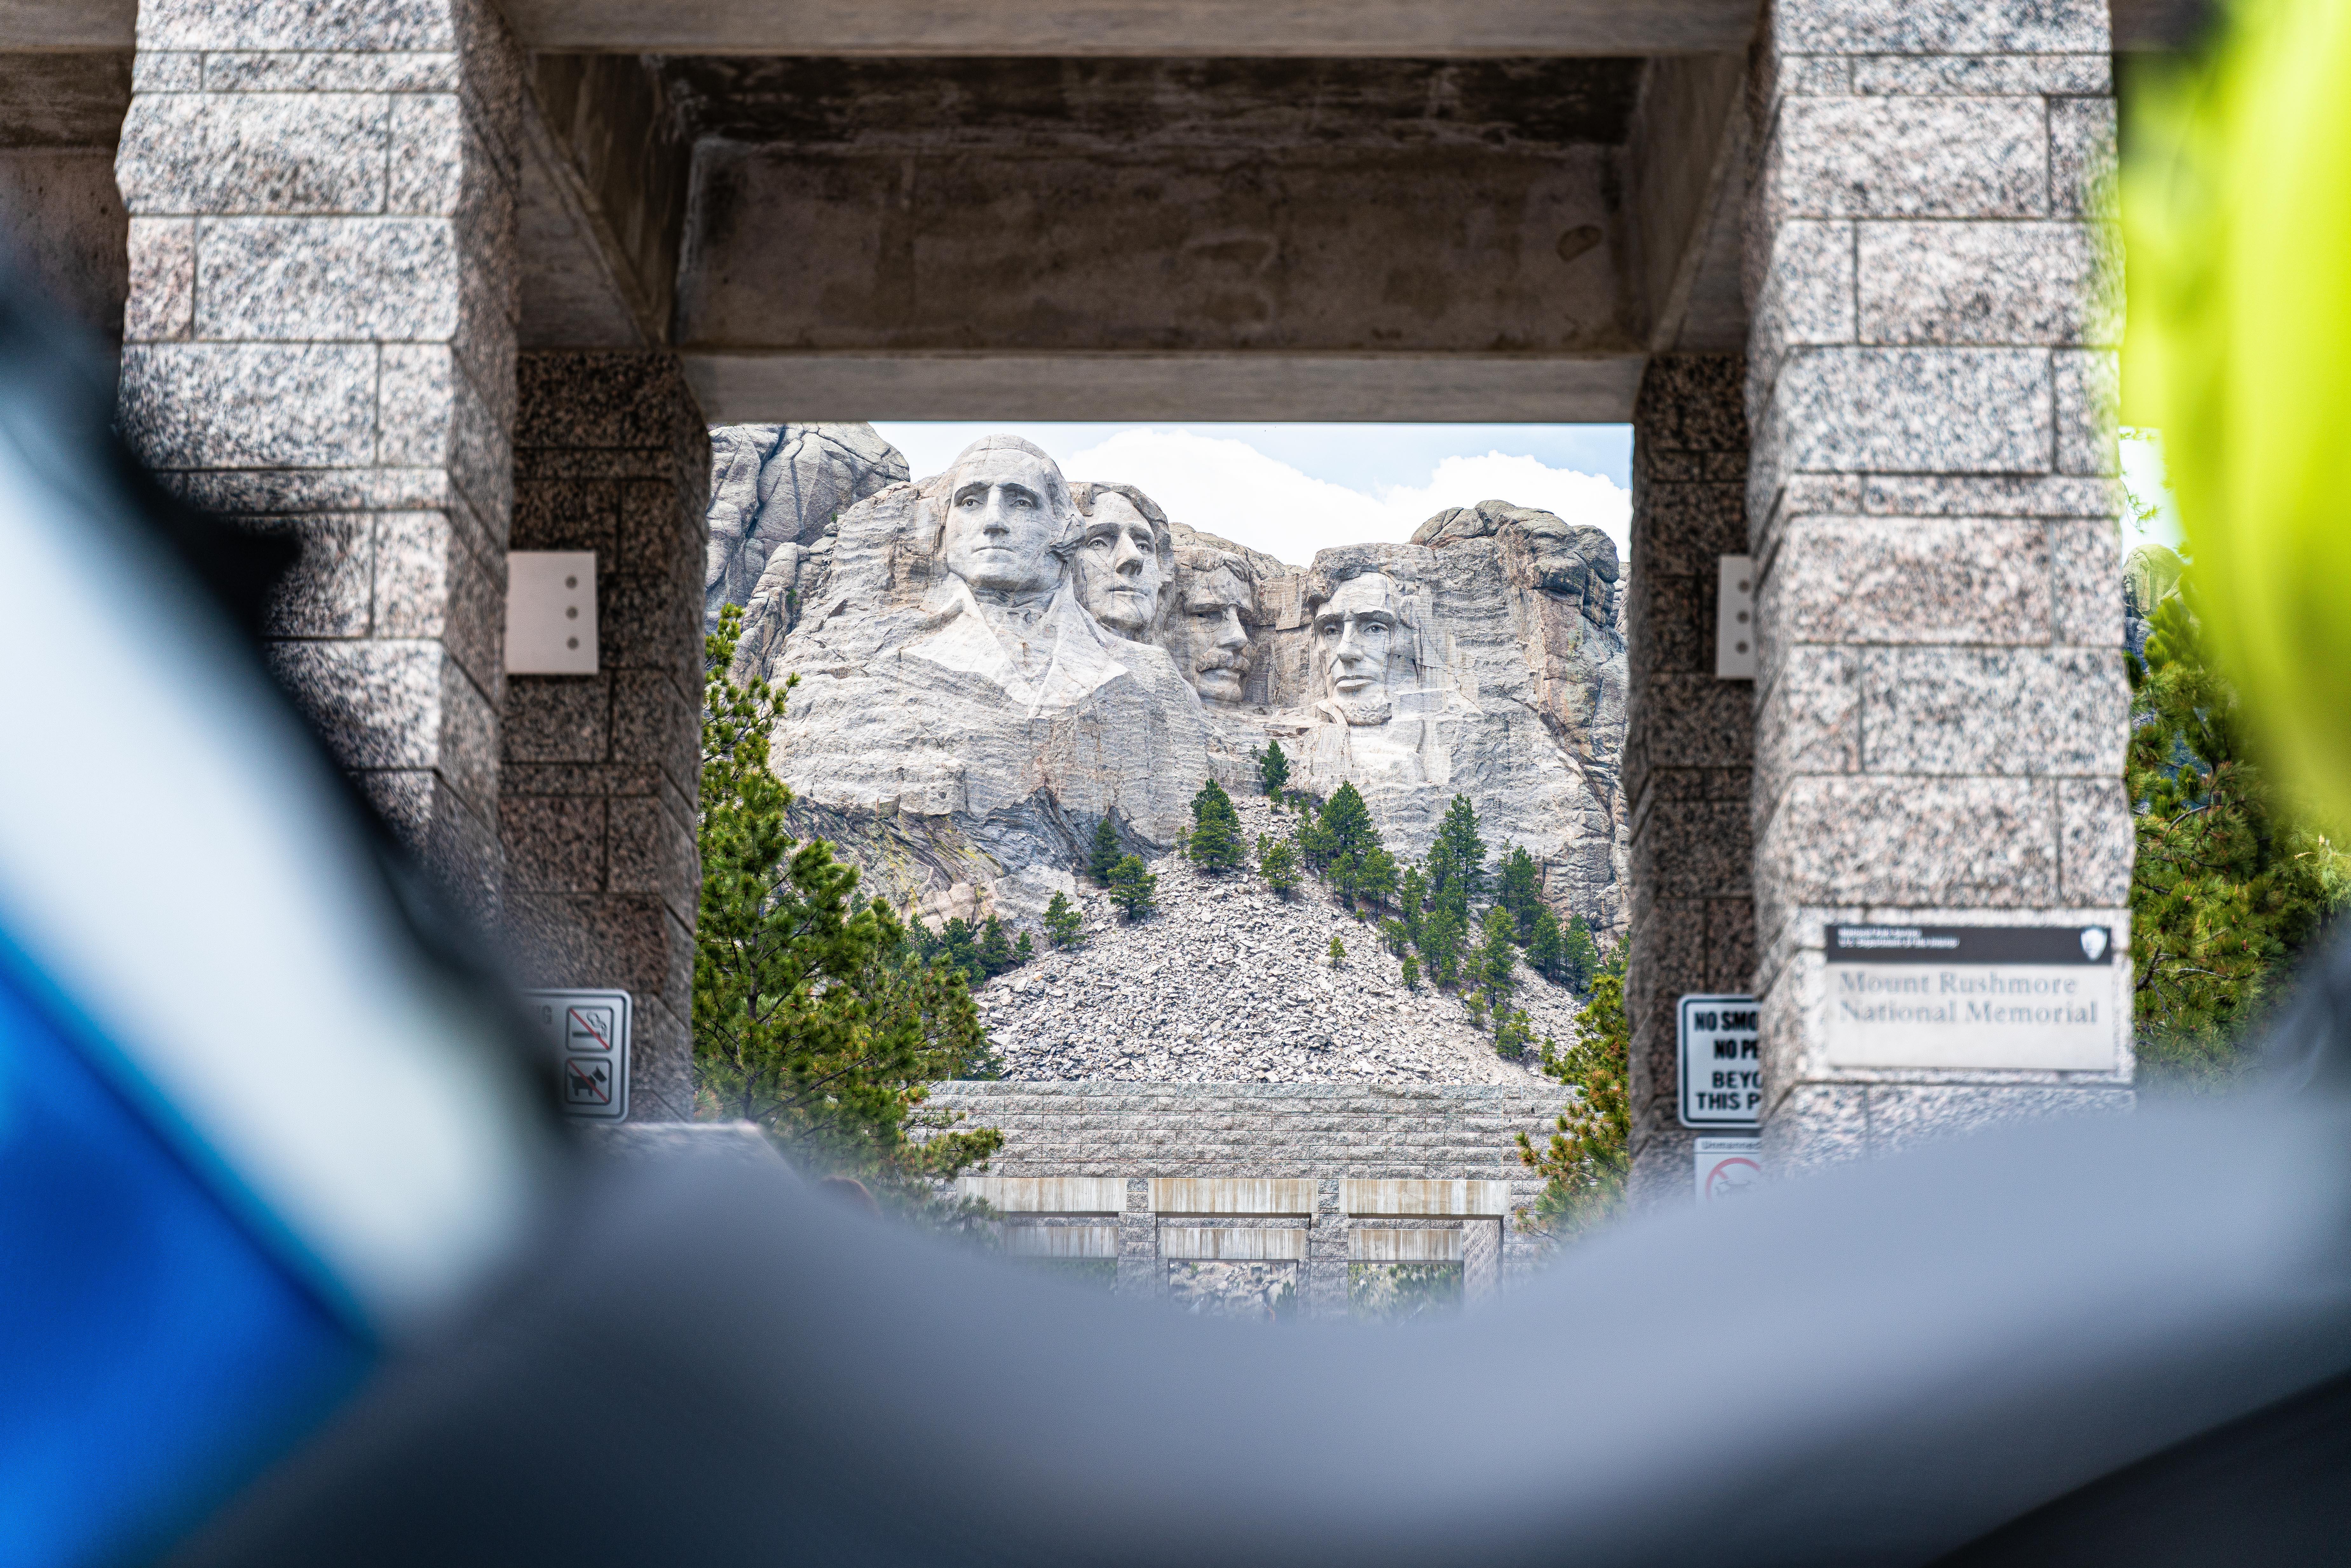 Rushmore through Seat and tankbag